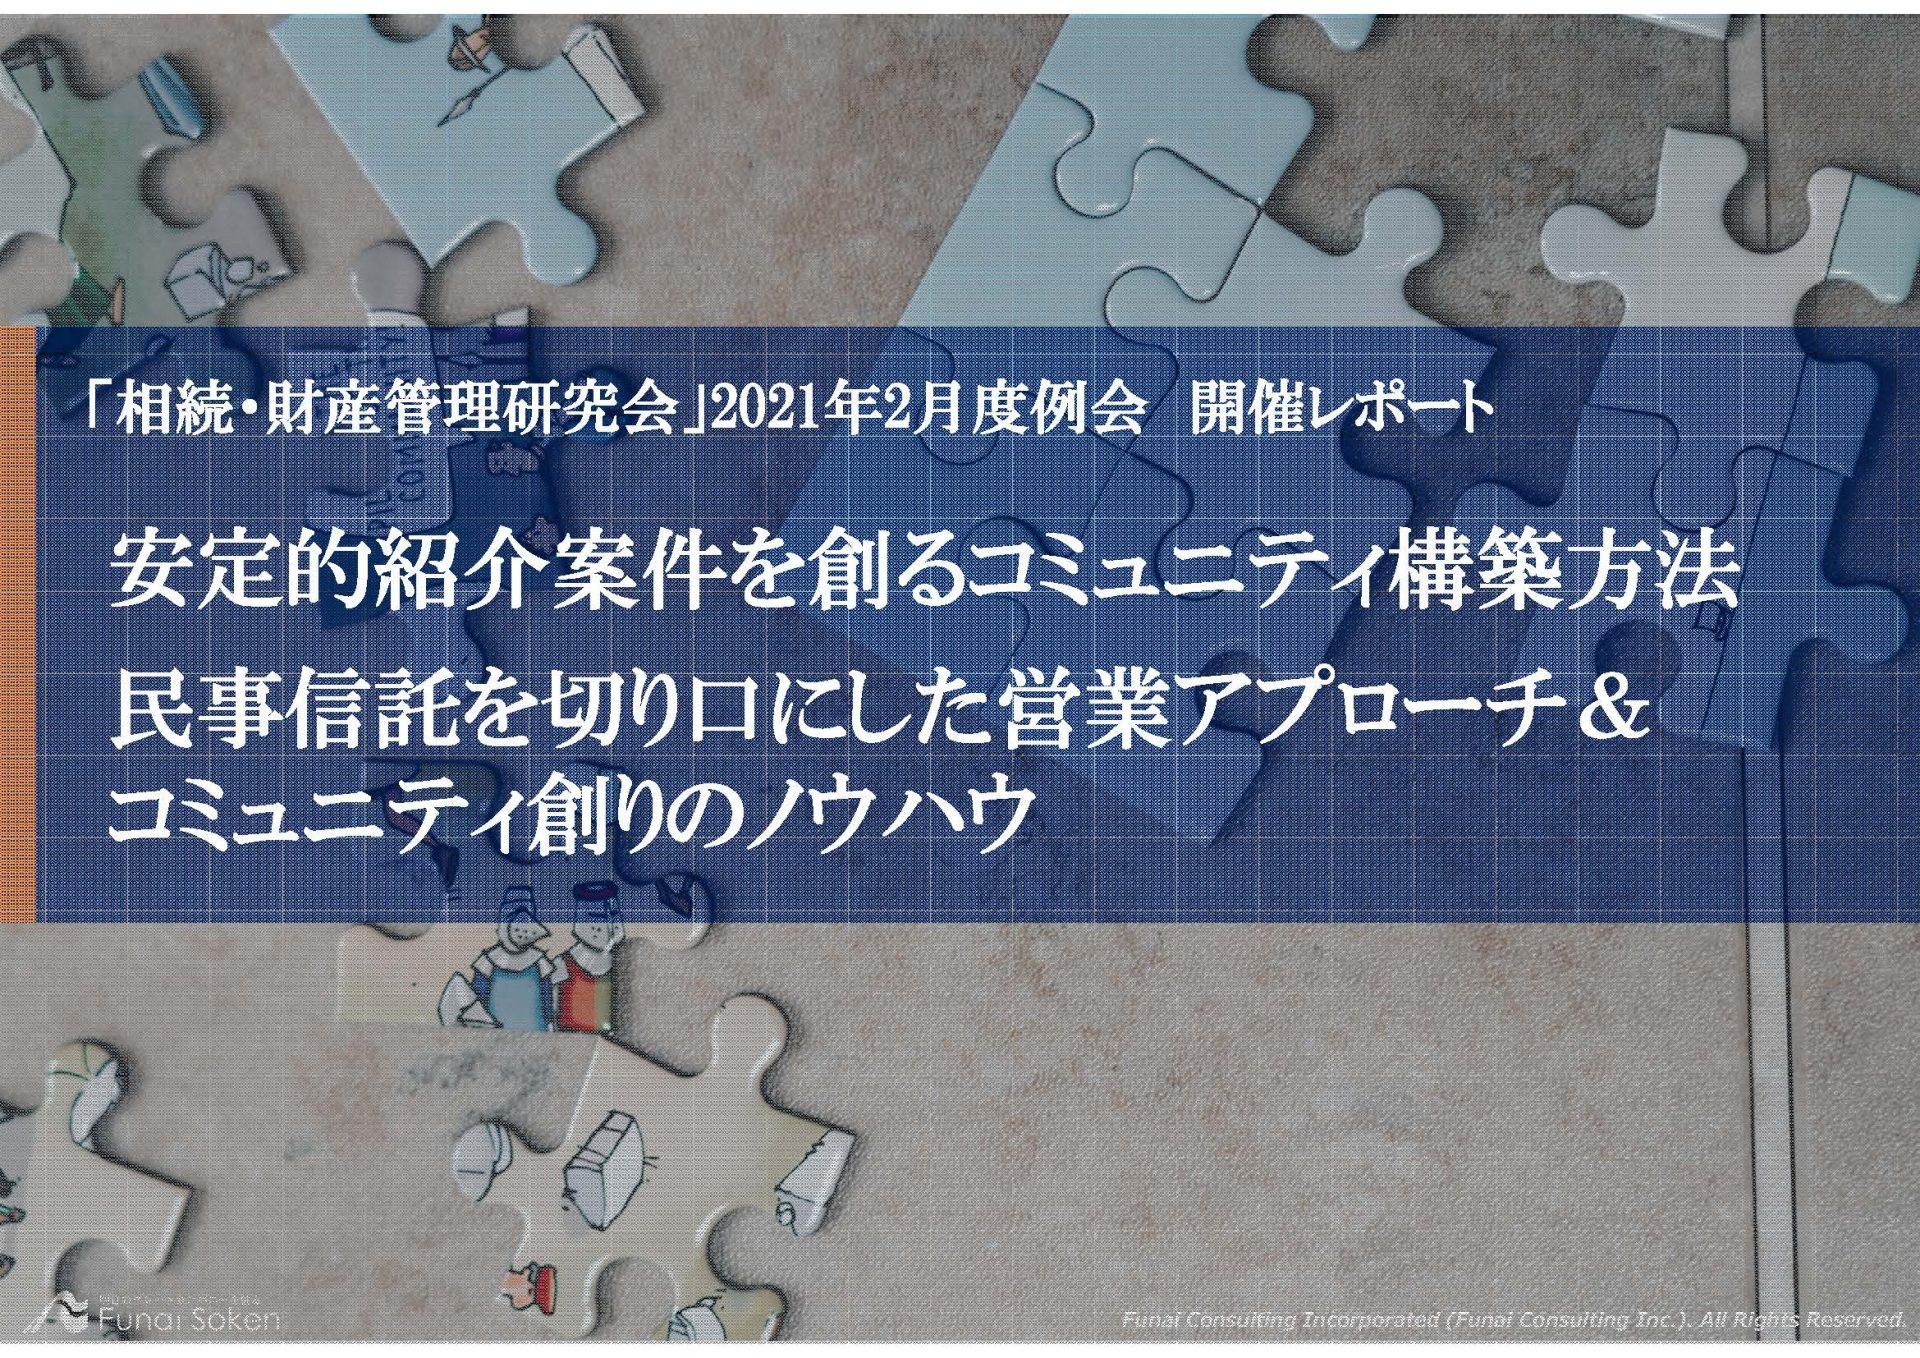 2月度研究会レポート (相続・財産管理研究会) イメージ